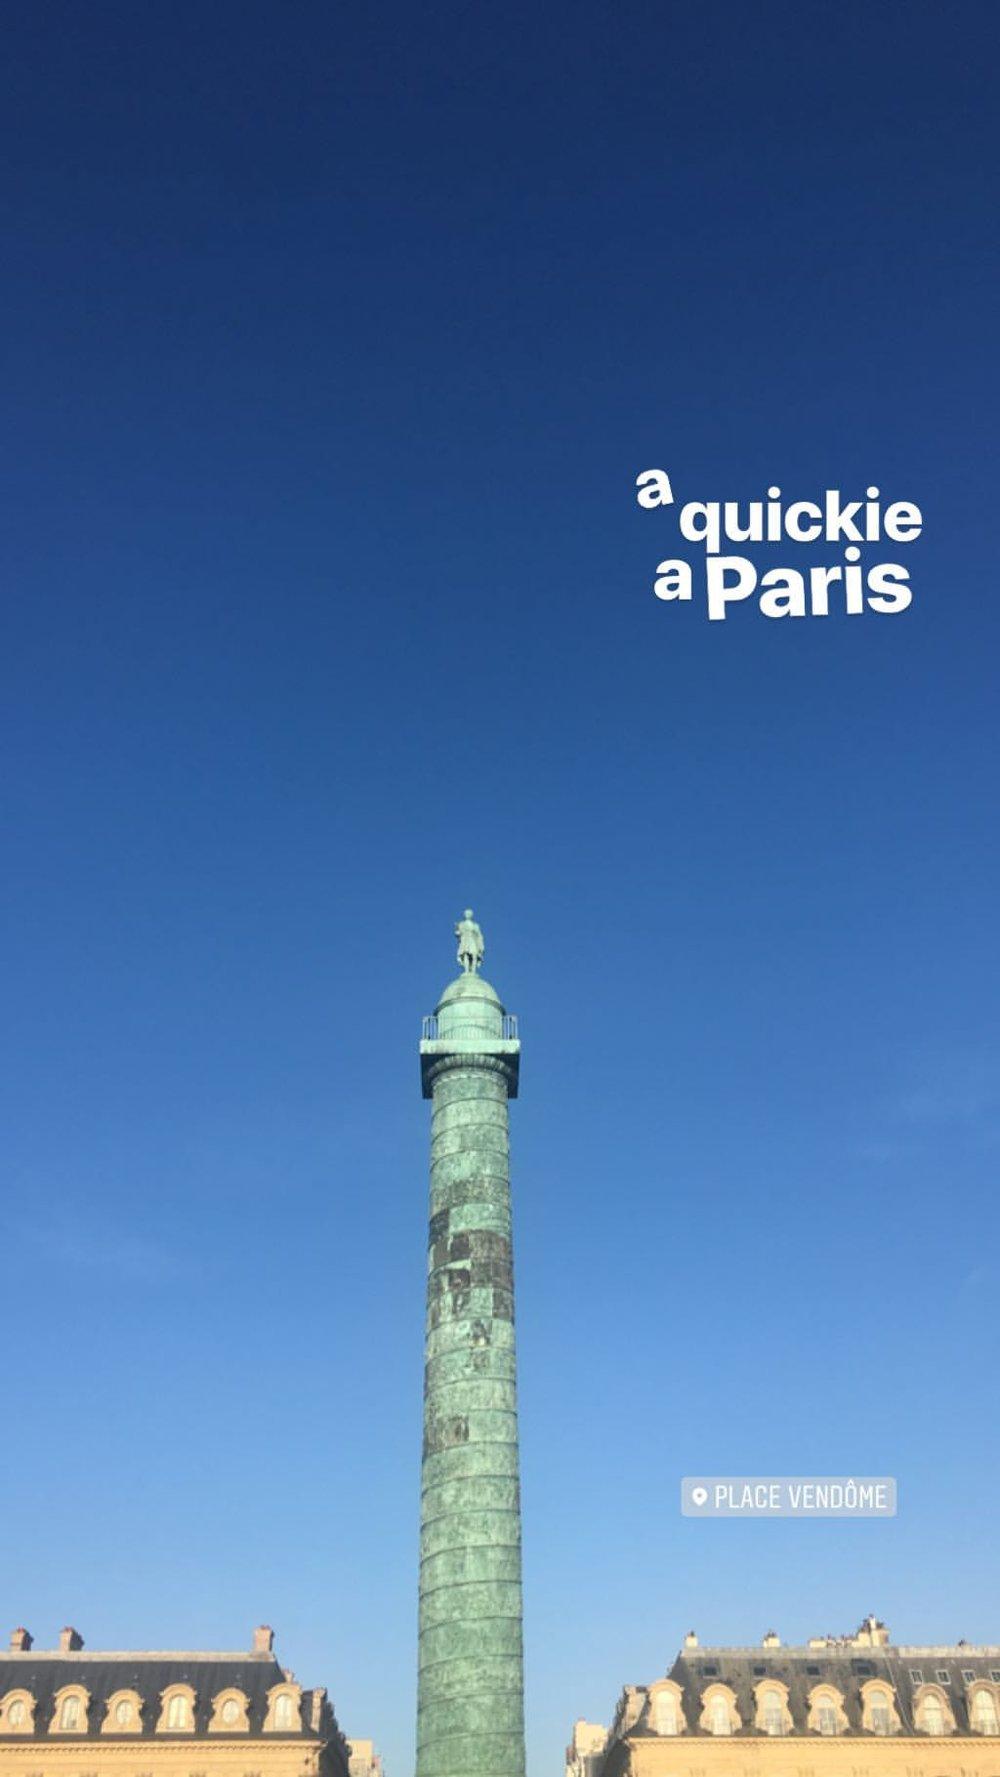 PARIS-placevendome-2.jpg